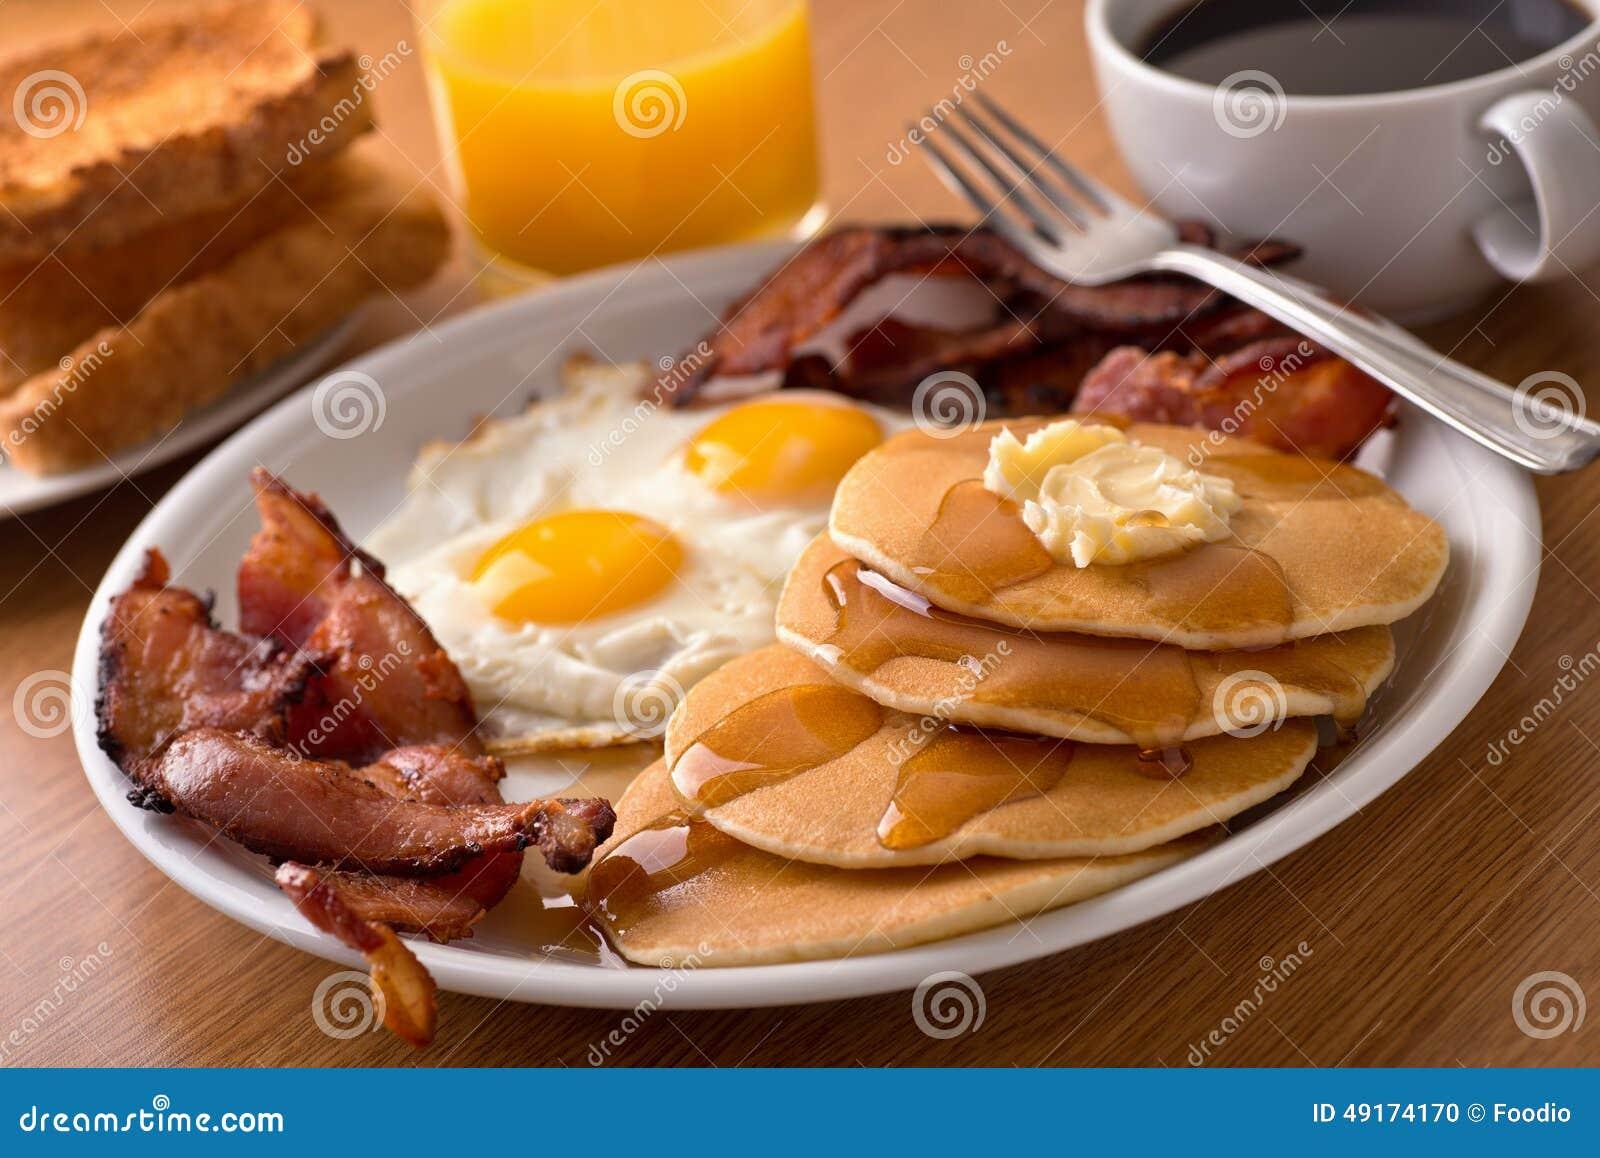 Desayune con tocino, huevos, las crepes, y la tostada